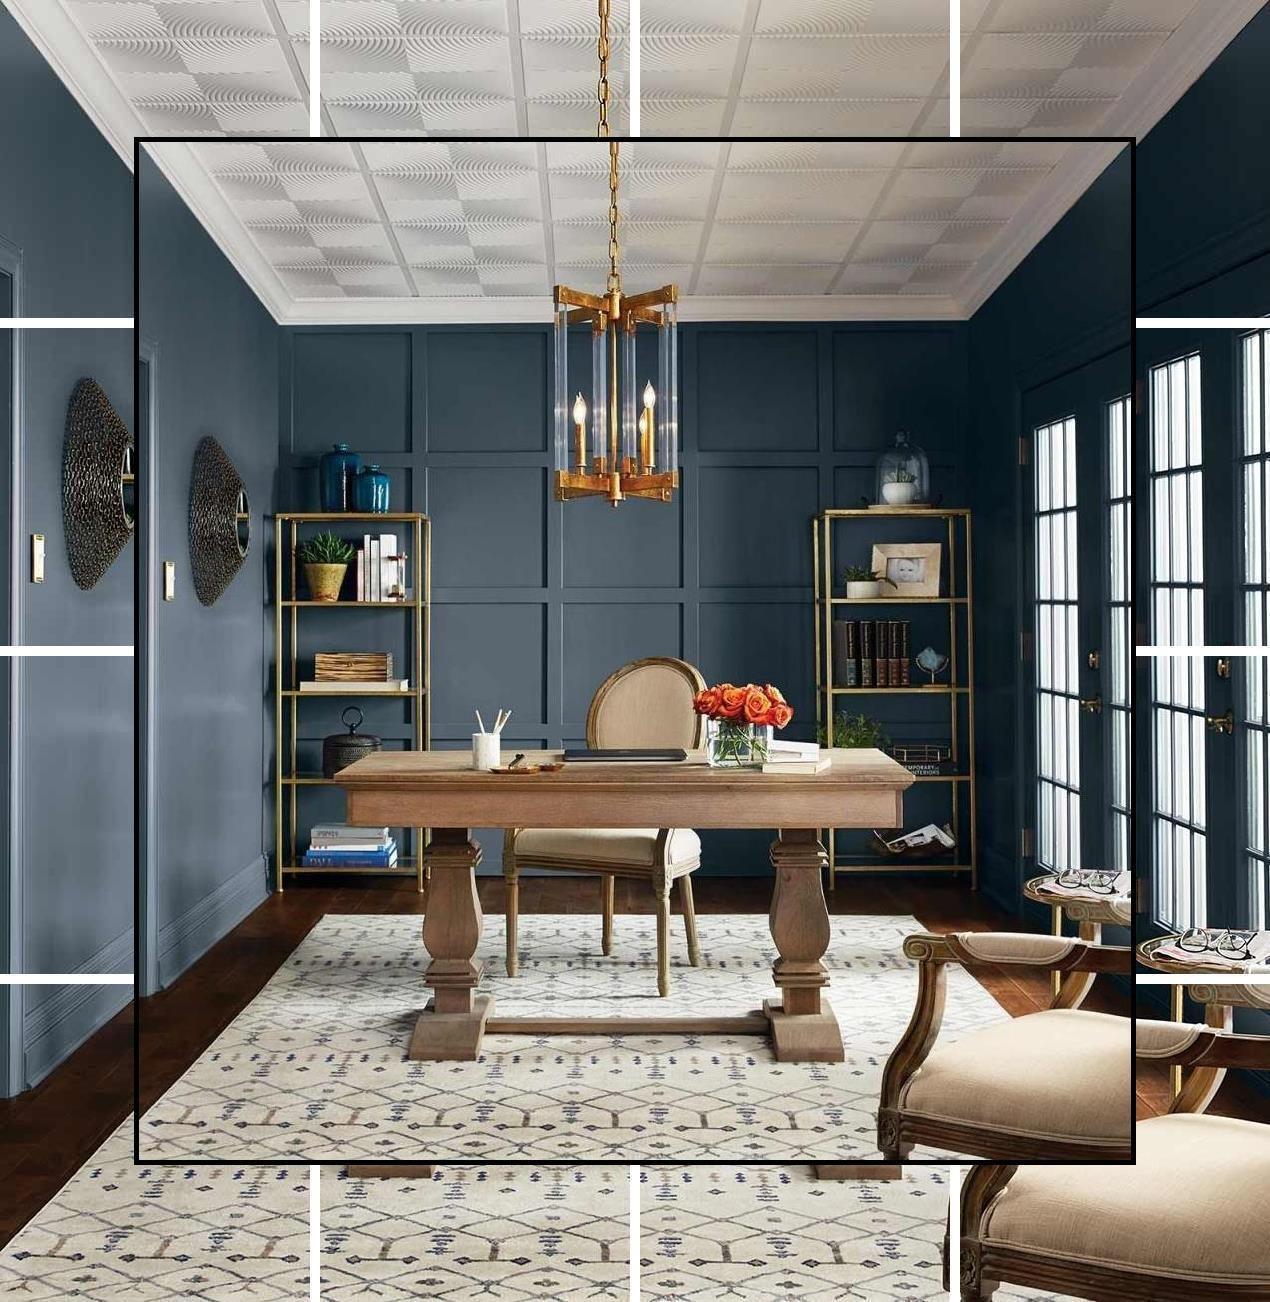 Home Design Basement Ideas: Small Basement Decorating Ideas